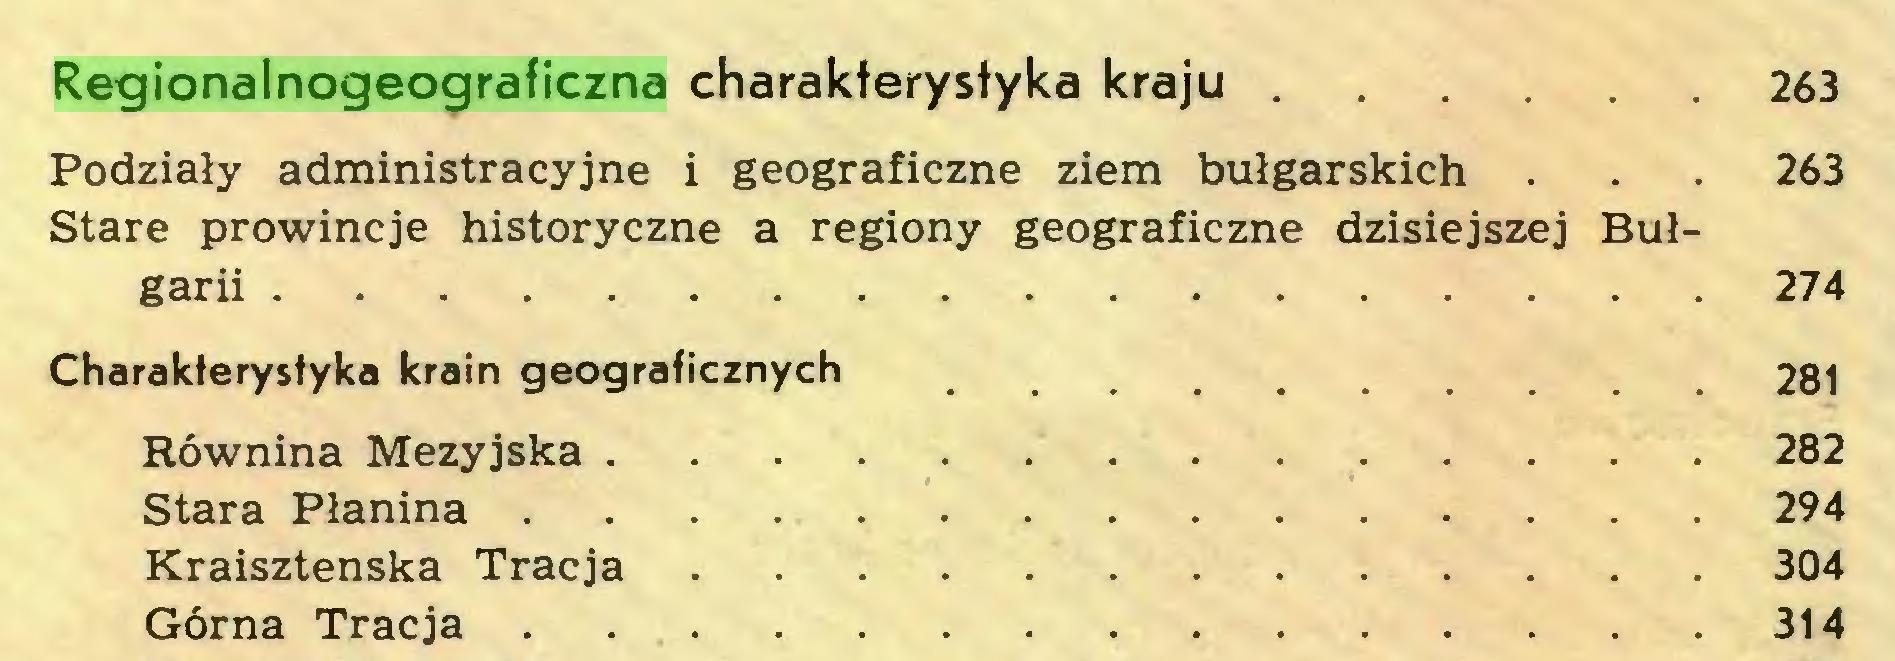 (...) Regionalnogeograficzna charakterystyka kraju 263 Podziały administracyjne i geograficzne ziem bułgarskich . . . 263 Stare prowincje historyczne a regiony geograficzne dzisiejszej Bułgarii 274 Charakferystyka krain geograficznych 281 Równina Mezyjska 282 Stara Pianina 294 Kraisztenska Tracja 304 Górna Tracja . 314...